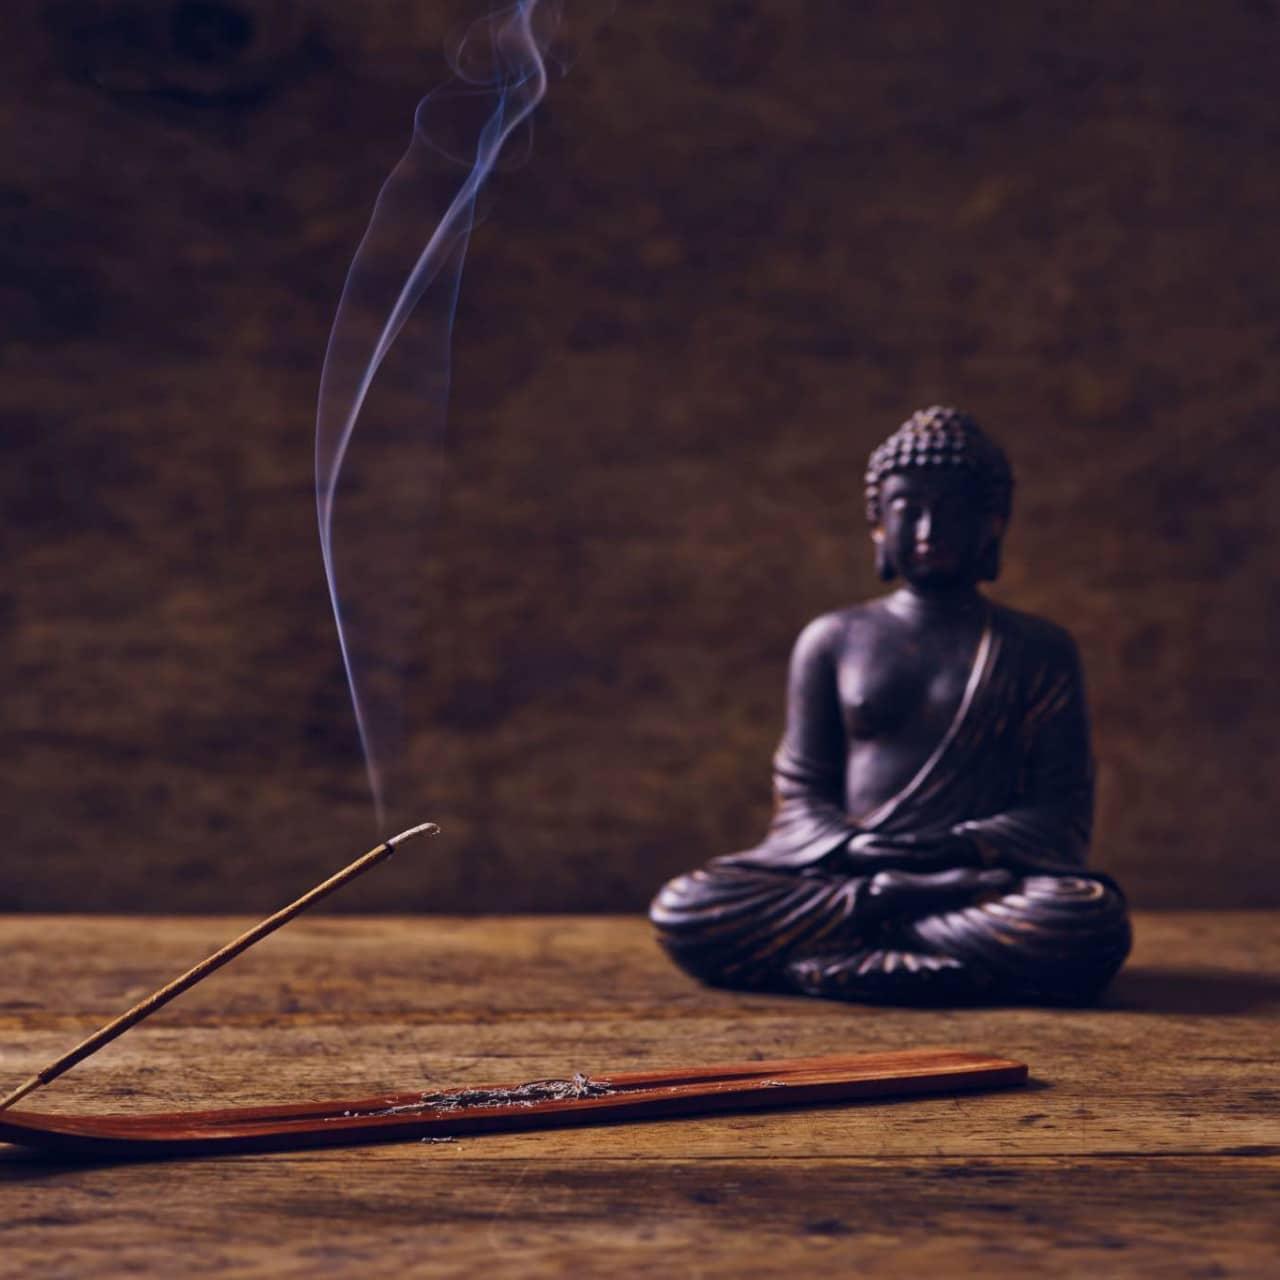 Yoga Der Weg ist das Ziel